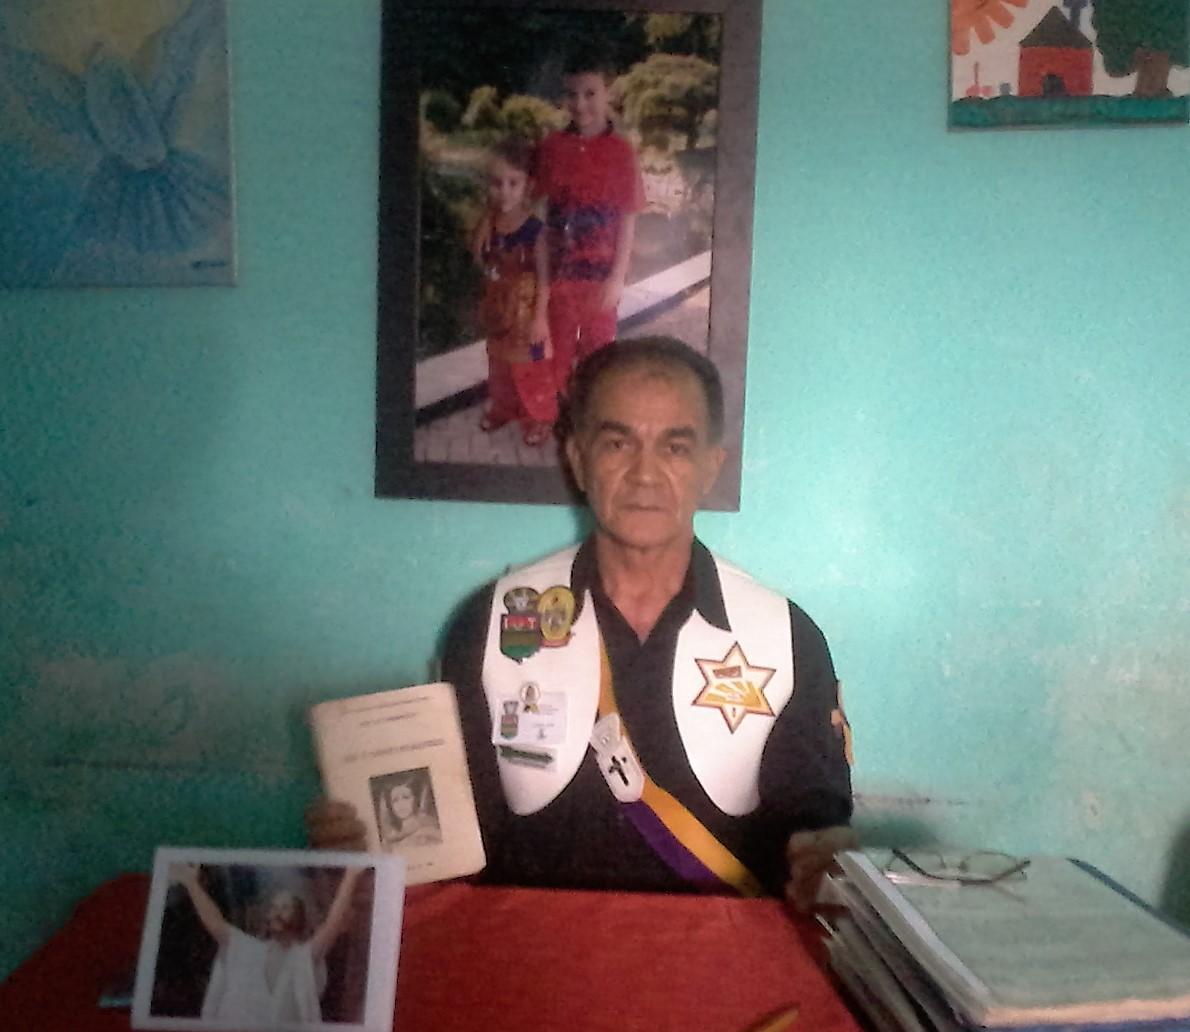 Salve Deus! Comandante Janatã! Adjunto Muruã Koatay 108! Herdeiro Triada Harpasios, Raio Adjuração Rama 2000! Mestre Lásaro José! Salve Deus.